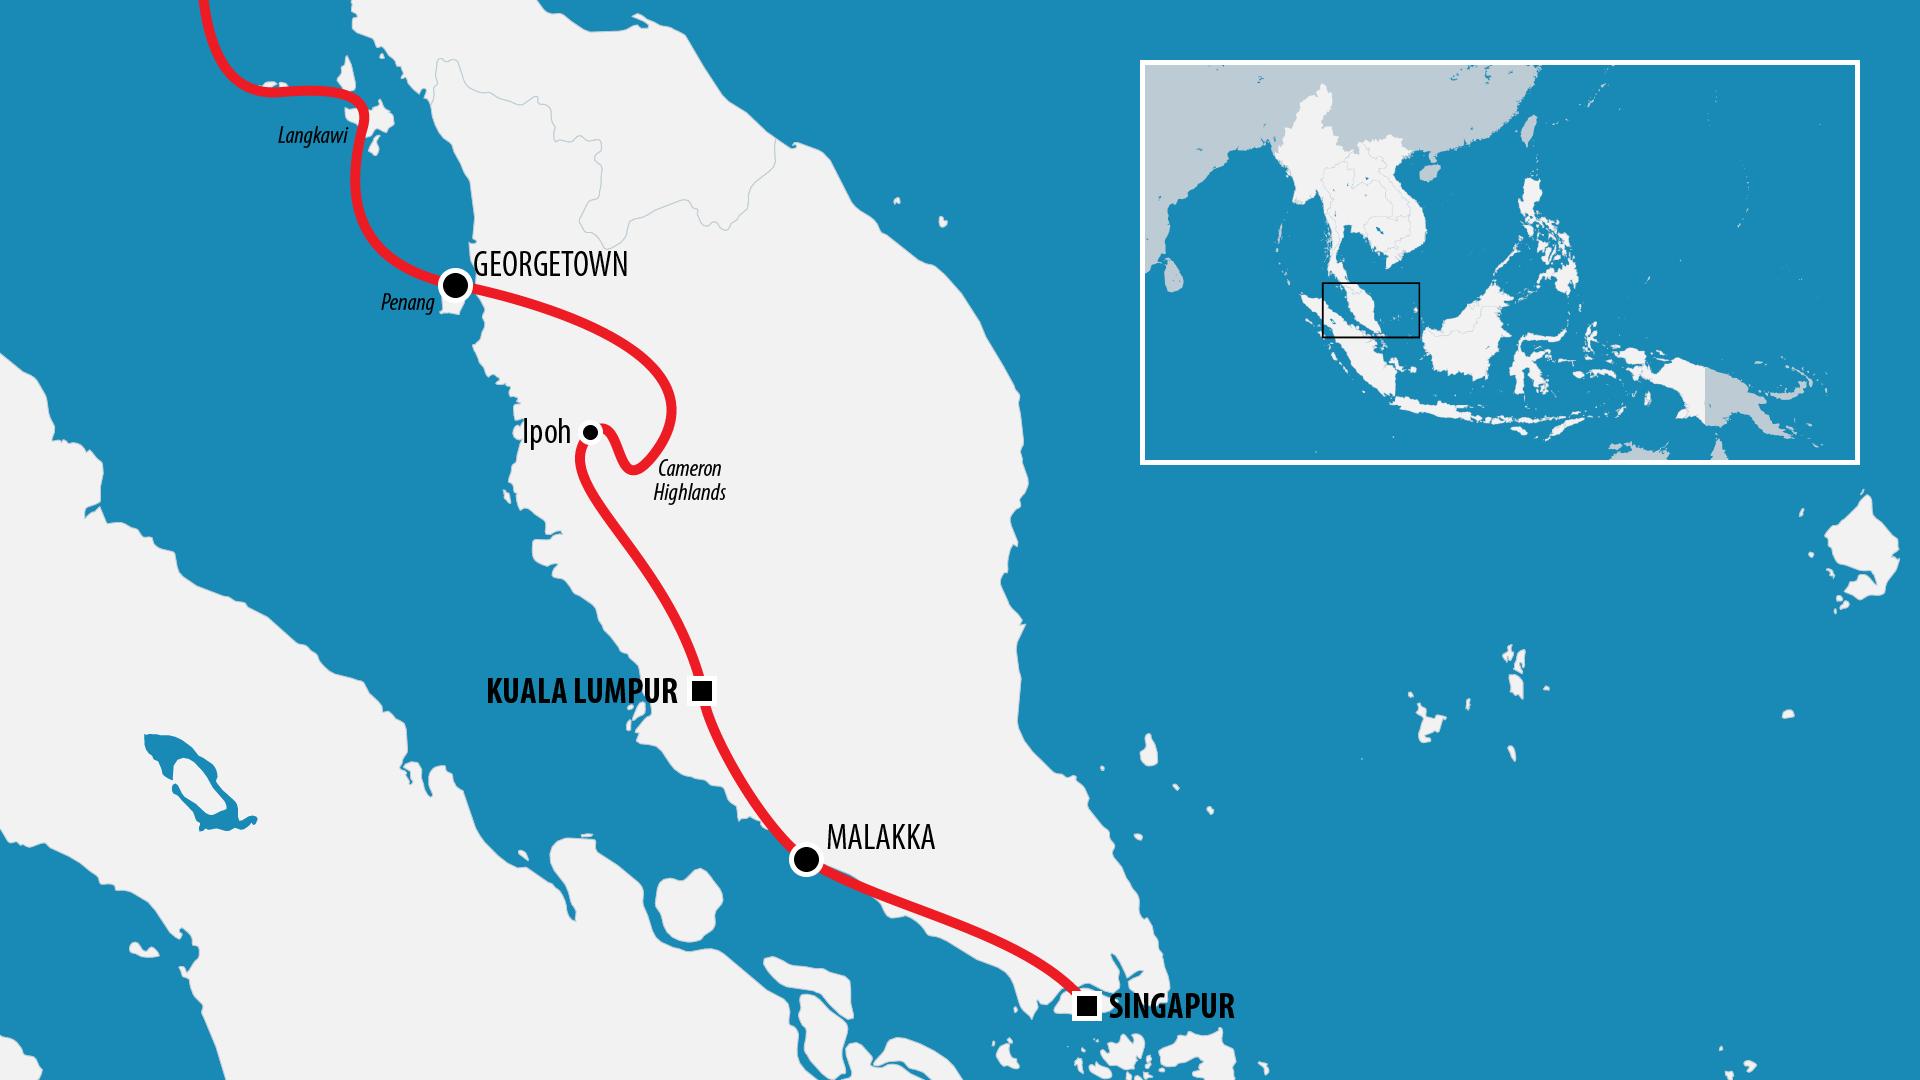 Reiseroute Südostasien 2018 (Singapur & Malaysia)